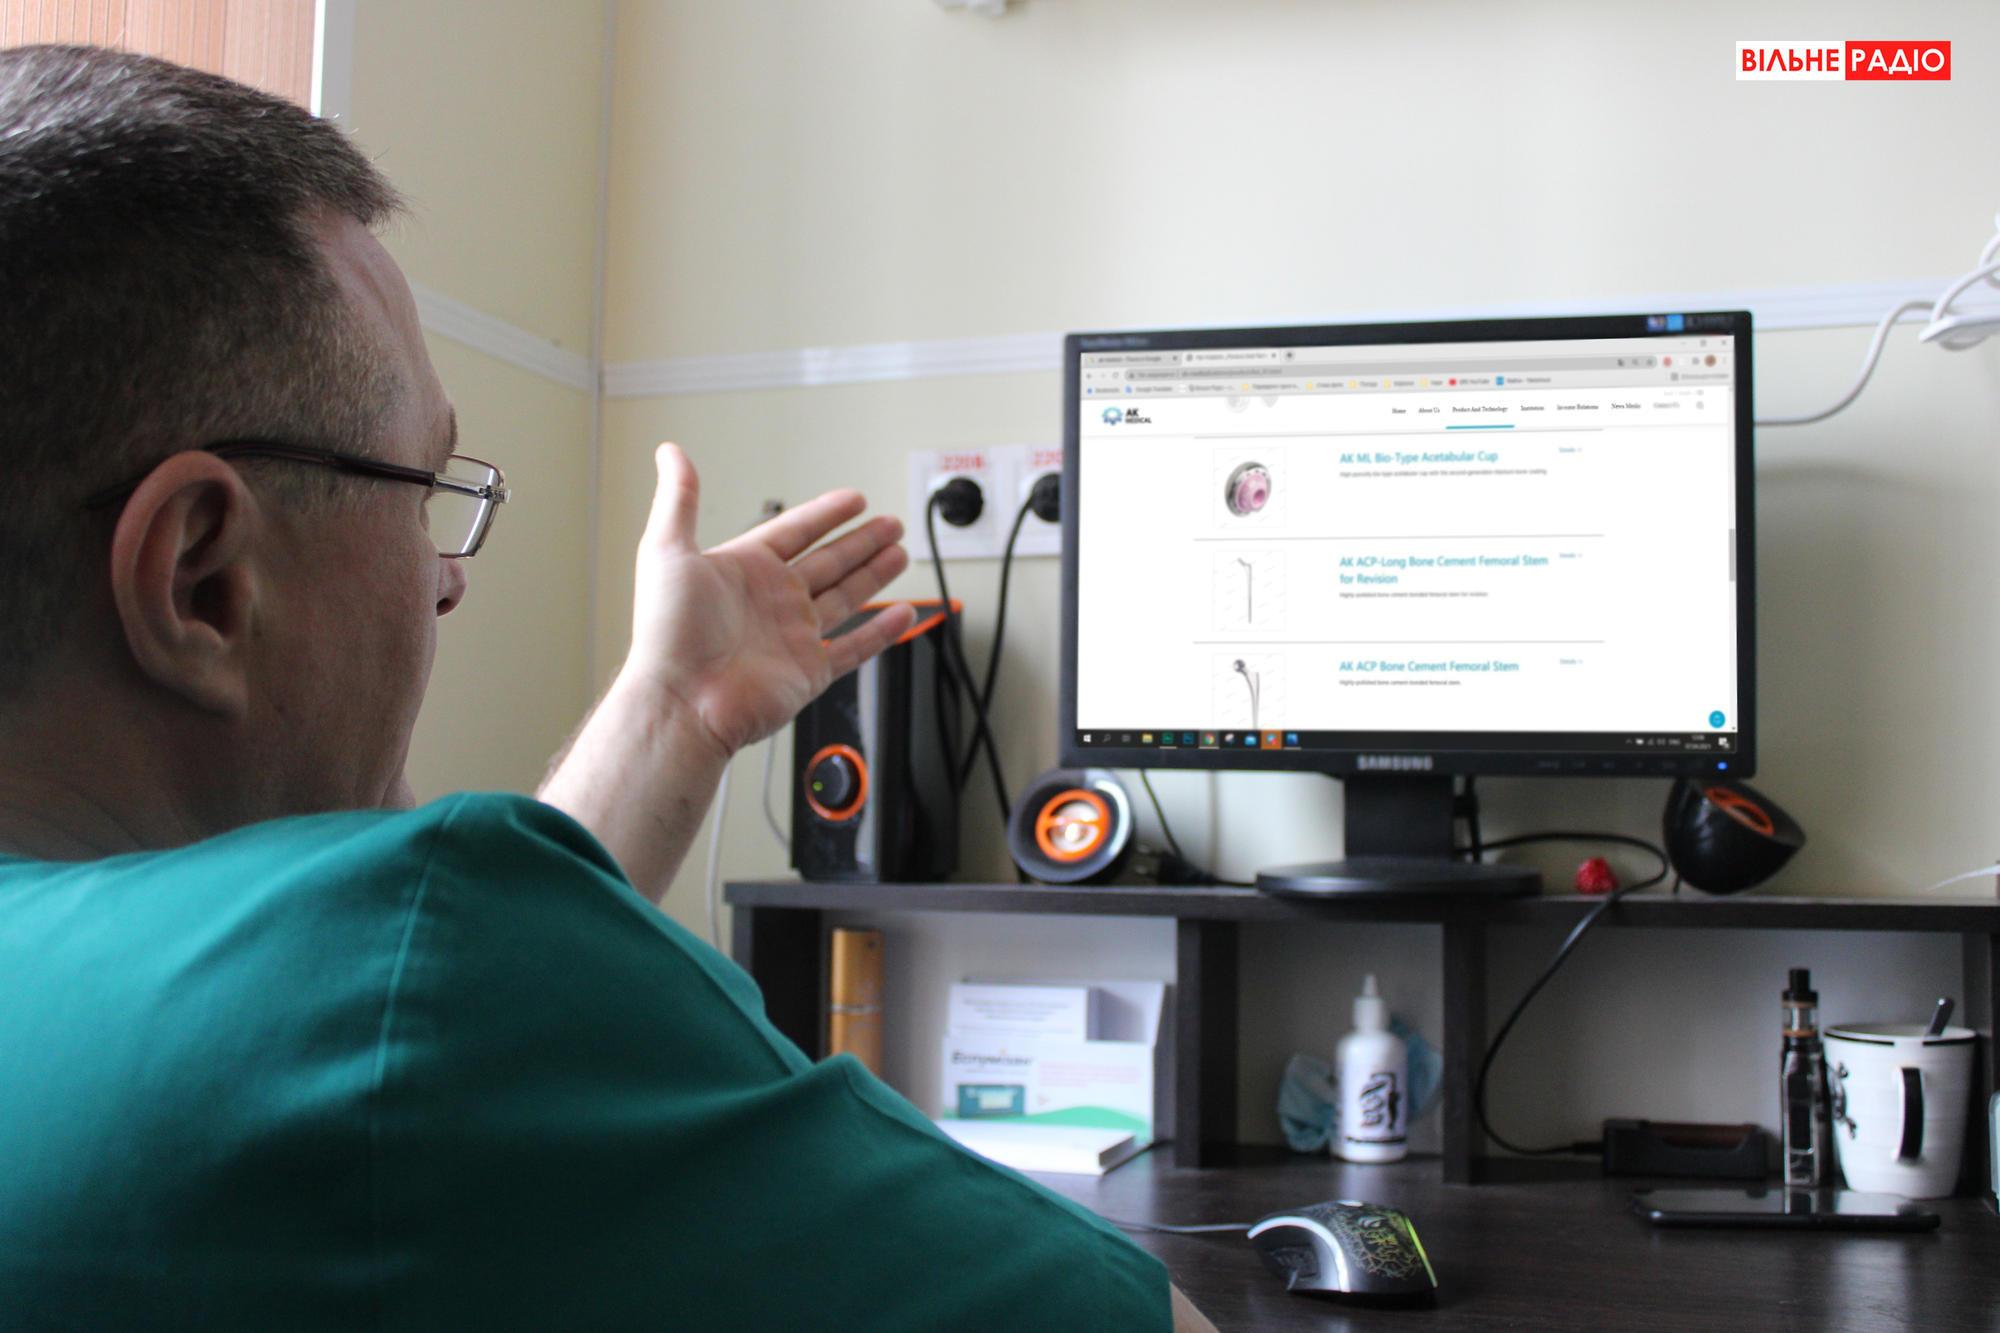 Заведующий травматологическим отделением Многопрофильной больницей интенсивного лечения г. Бахмут рассказывает о видах эндопротезов